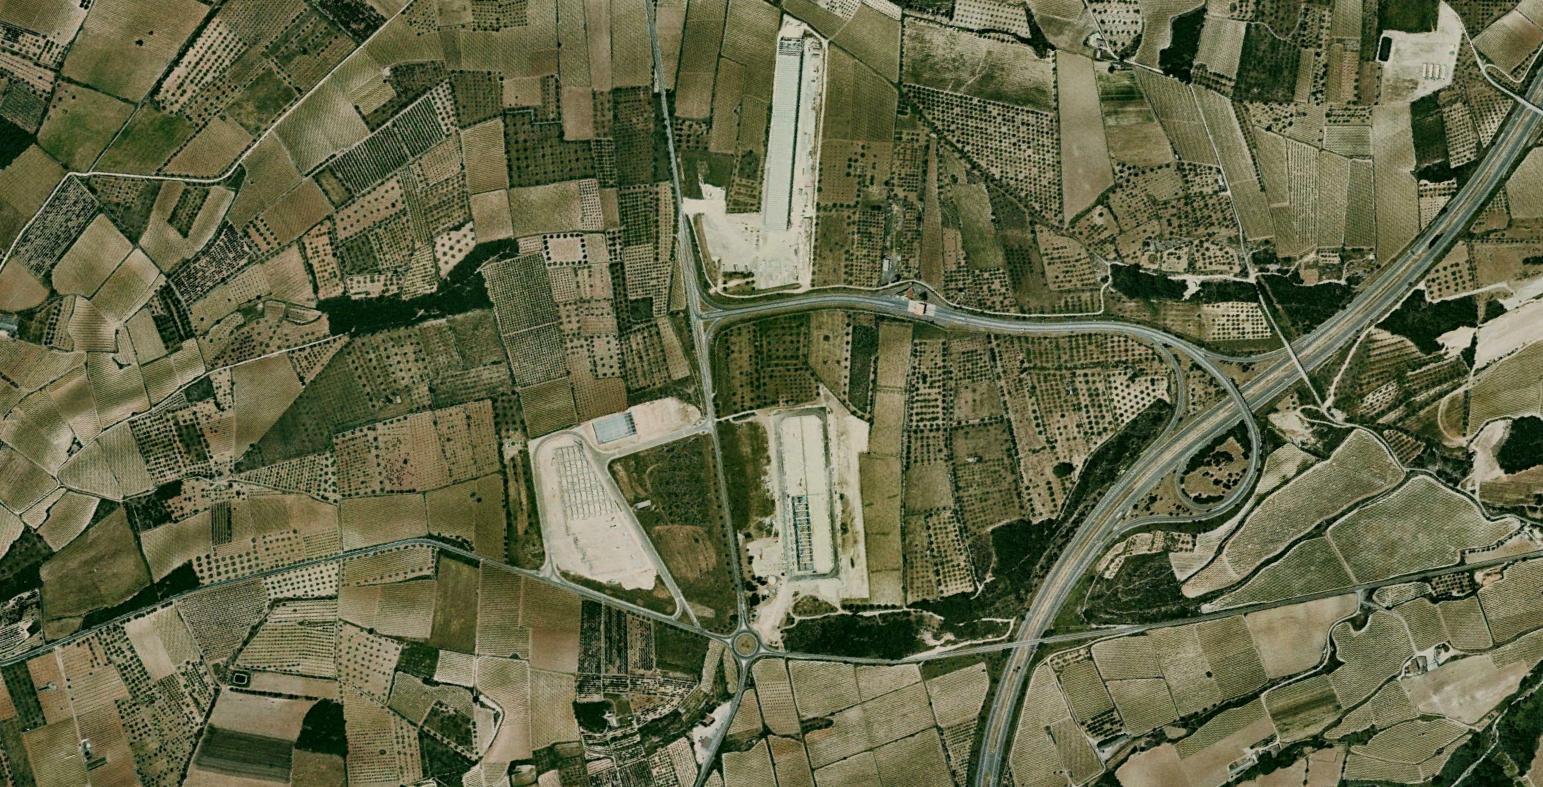 vilardida, tarragona, los burnin, antes, urbanismo, planeamiento, urbano, desastre, urbanístico, construcción